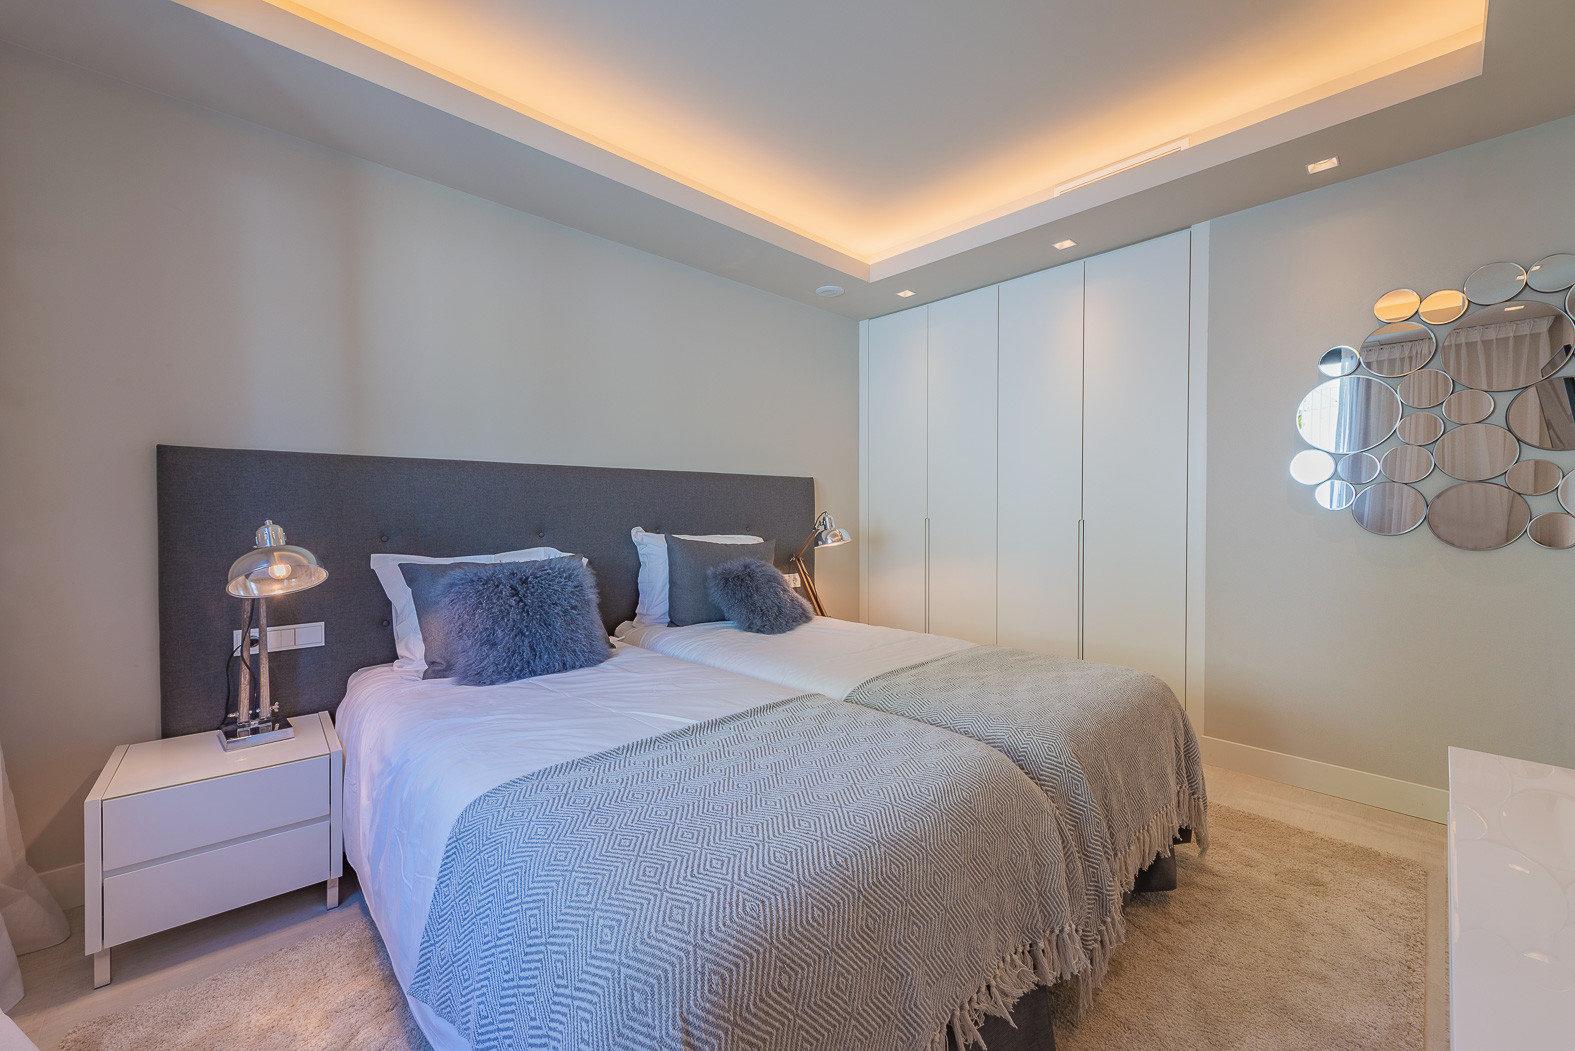 Gemütliches Schlafzimmer mit integrierten Wandschrank und Design Highlights